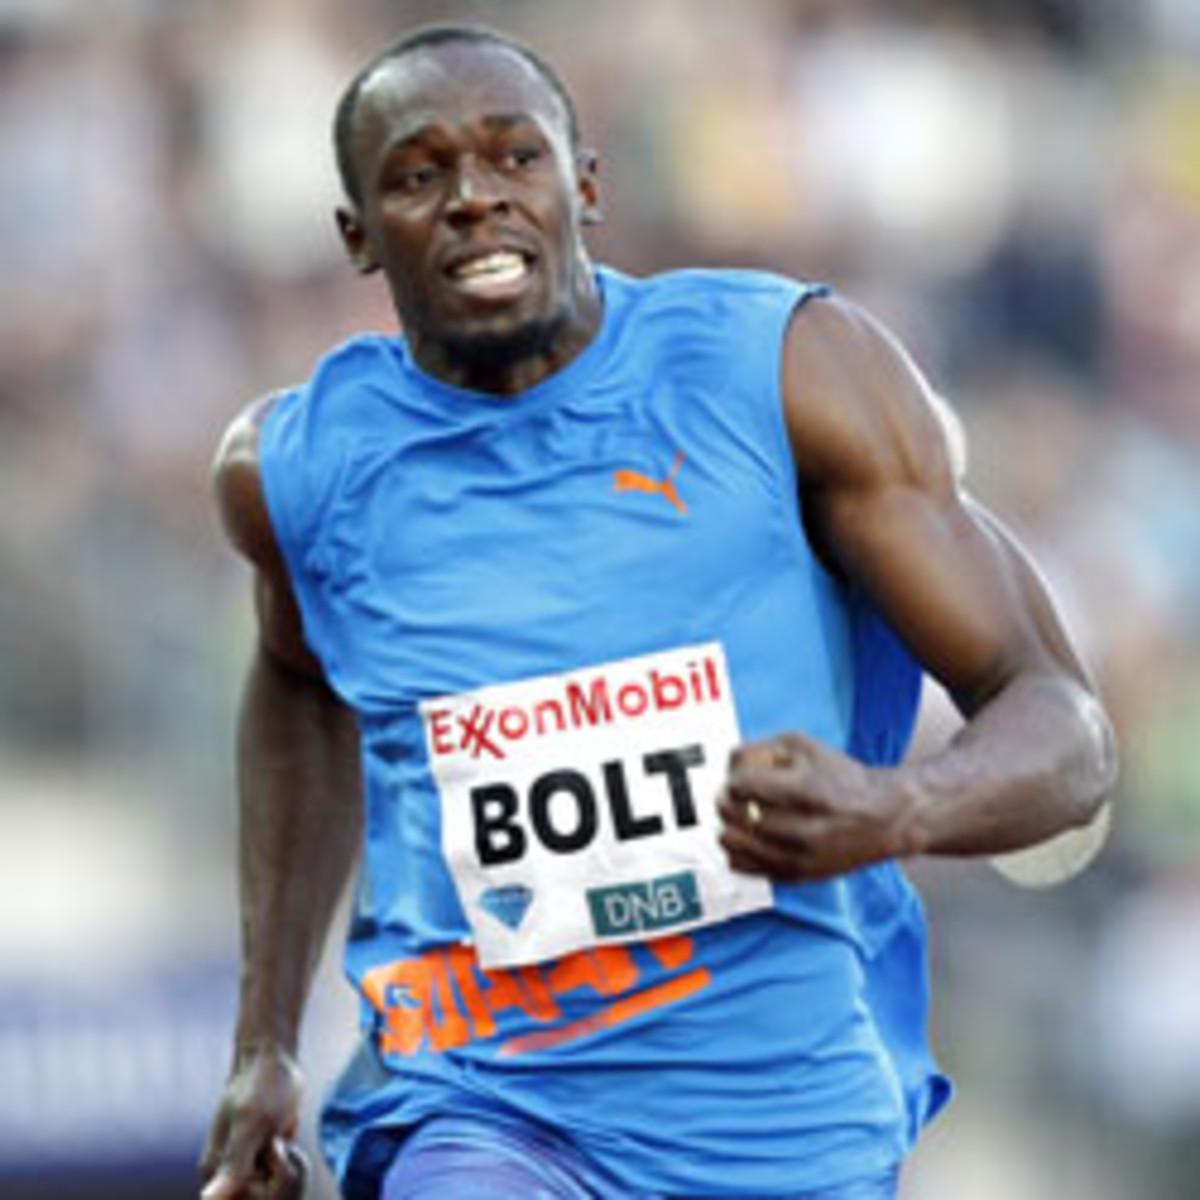 Usain Bolt Gold medalist Olympics